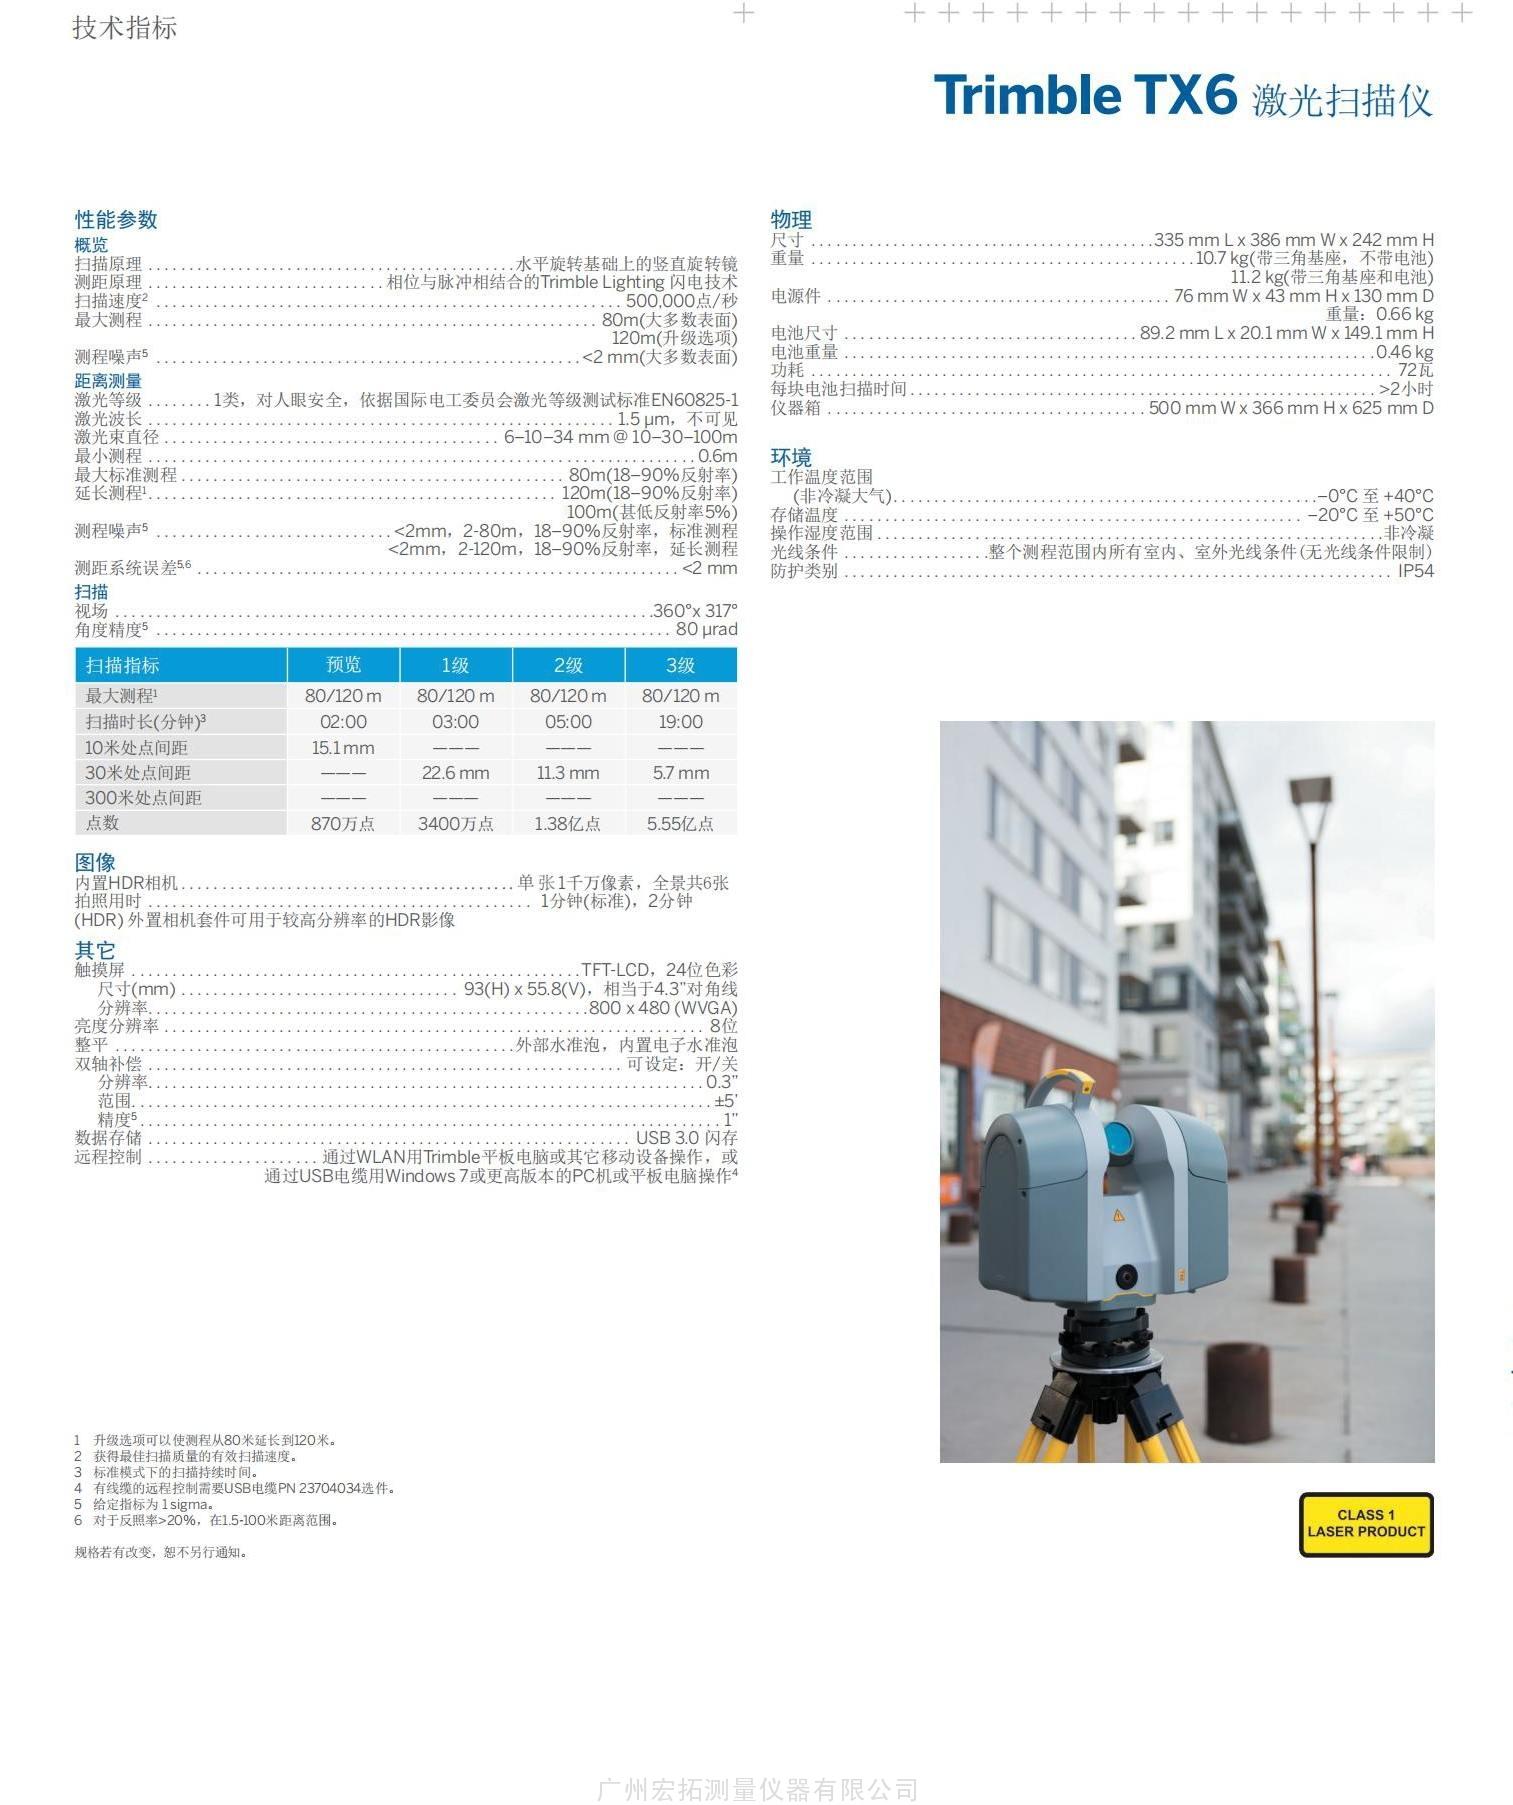 天宝X6扫描仪_01_看图王1.jpg